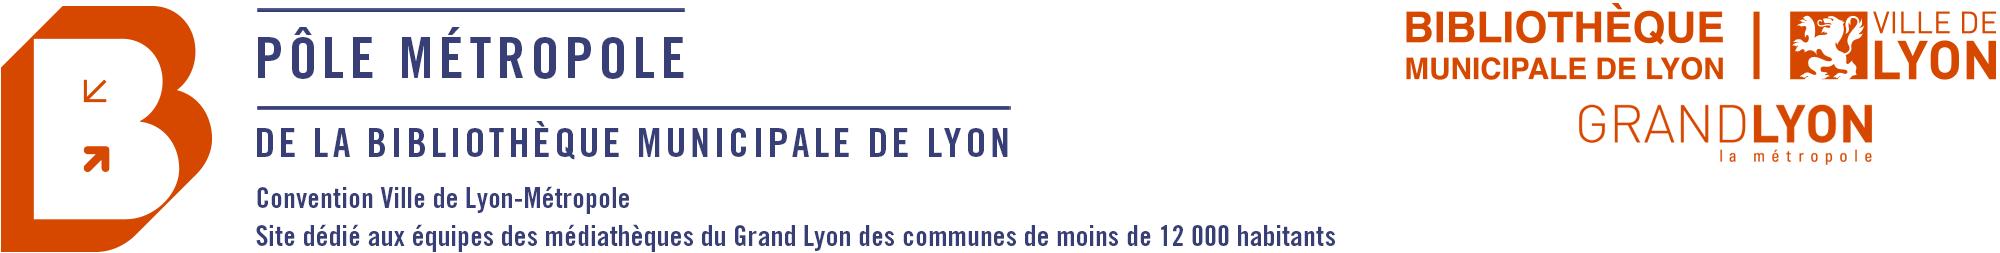 Pôle Métropole de la Bibliothèque municipale de Lyon